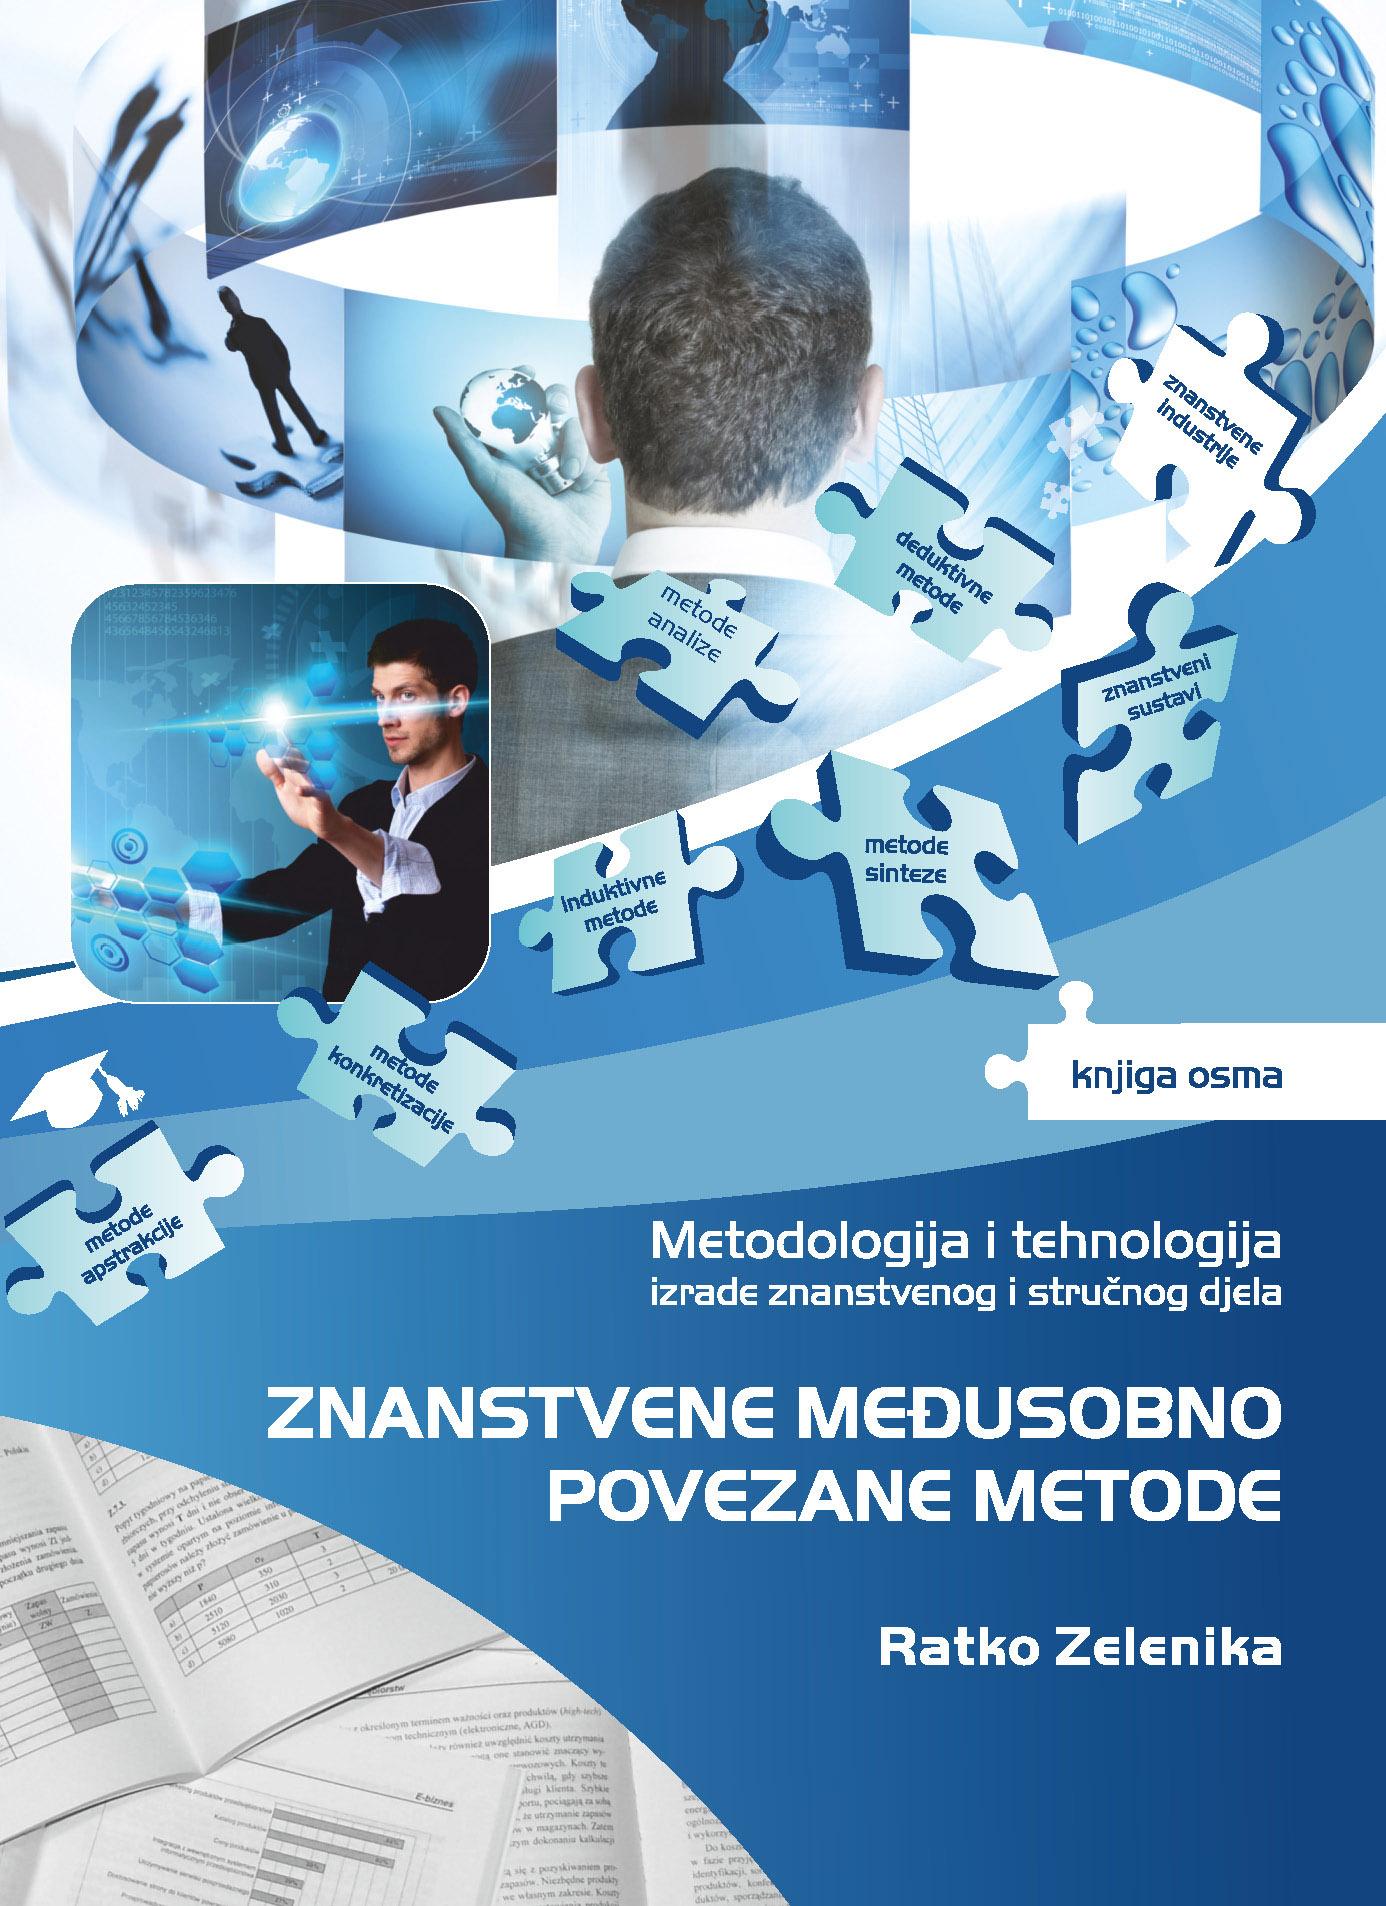 ZNANSTVENE MEĐUSOBNO POVEZANE METODE - Naruči svoju knjigu